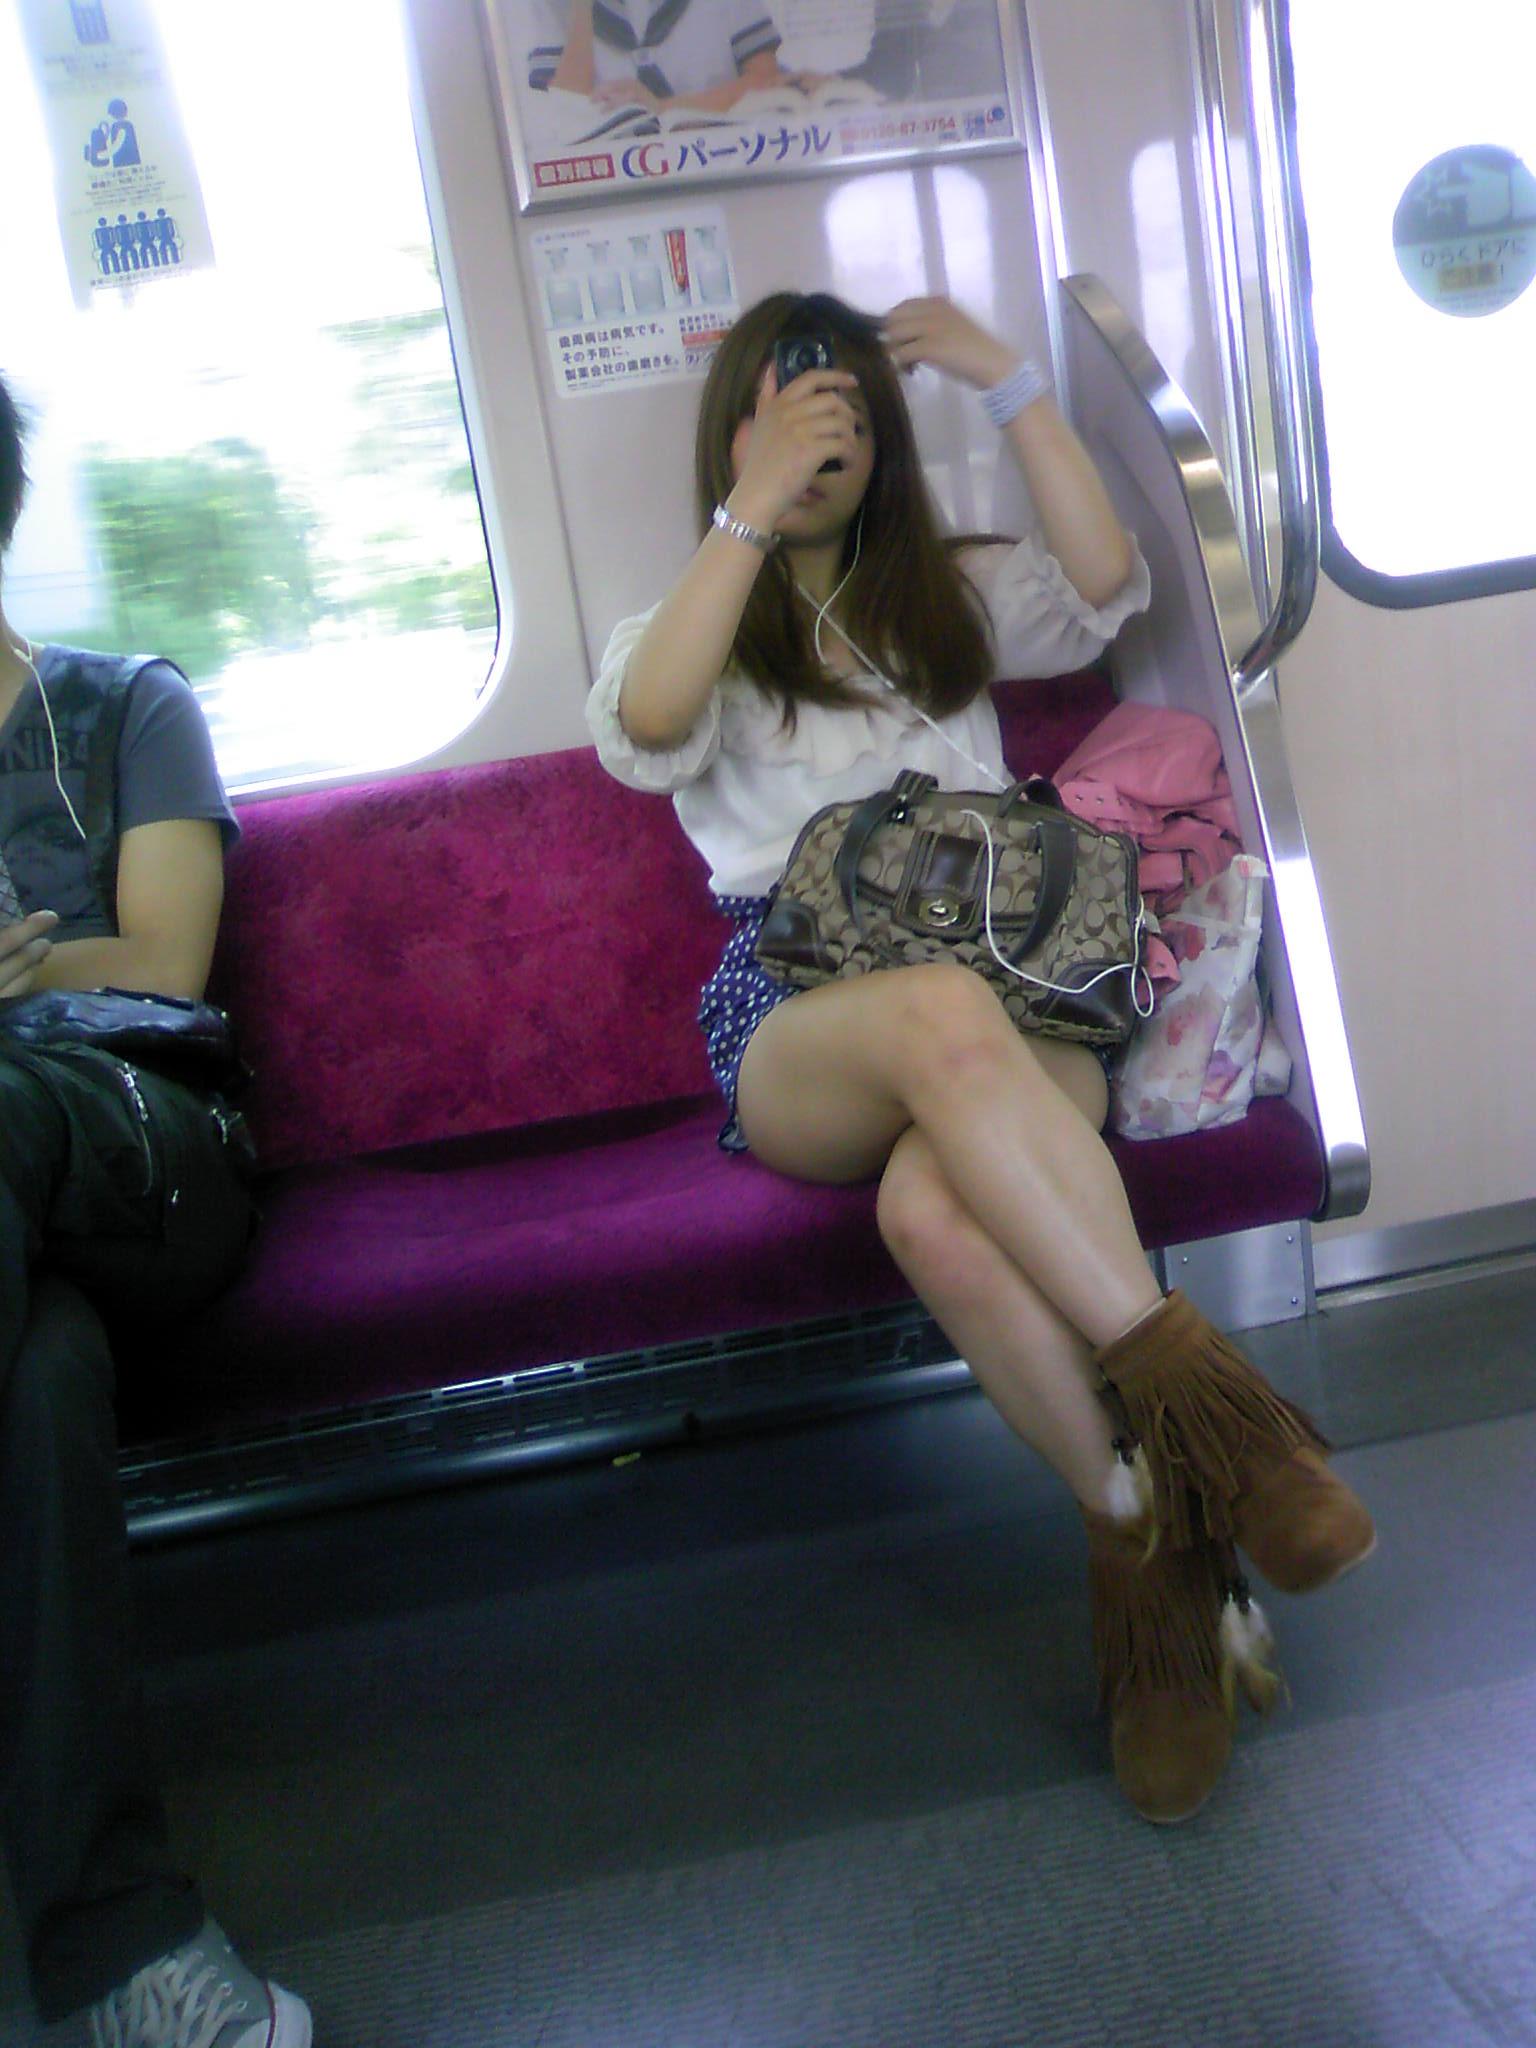 【電車内隠し撮り】脚組んでるムチムチ太股はパンチラよりもエロいwww 11